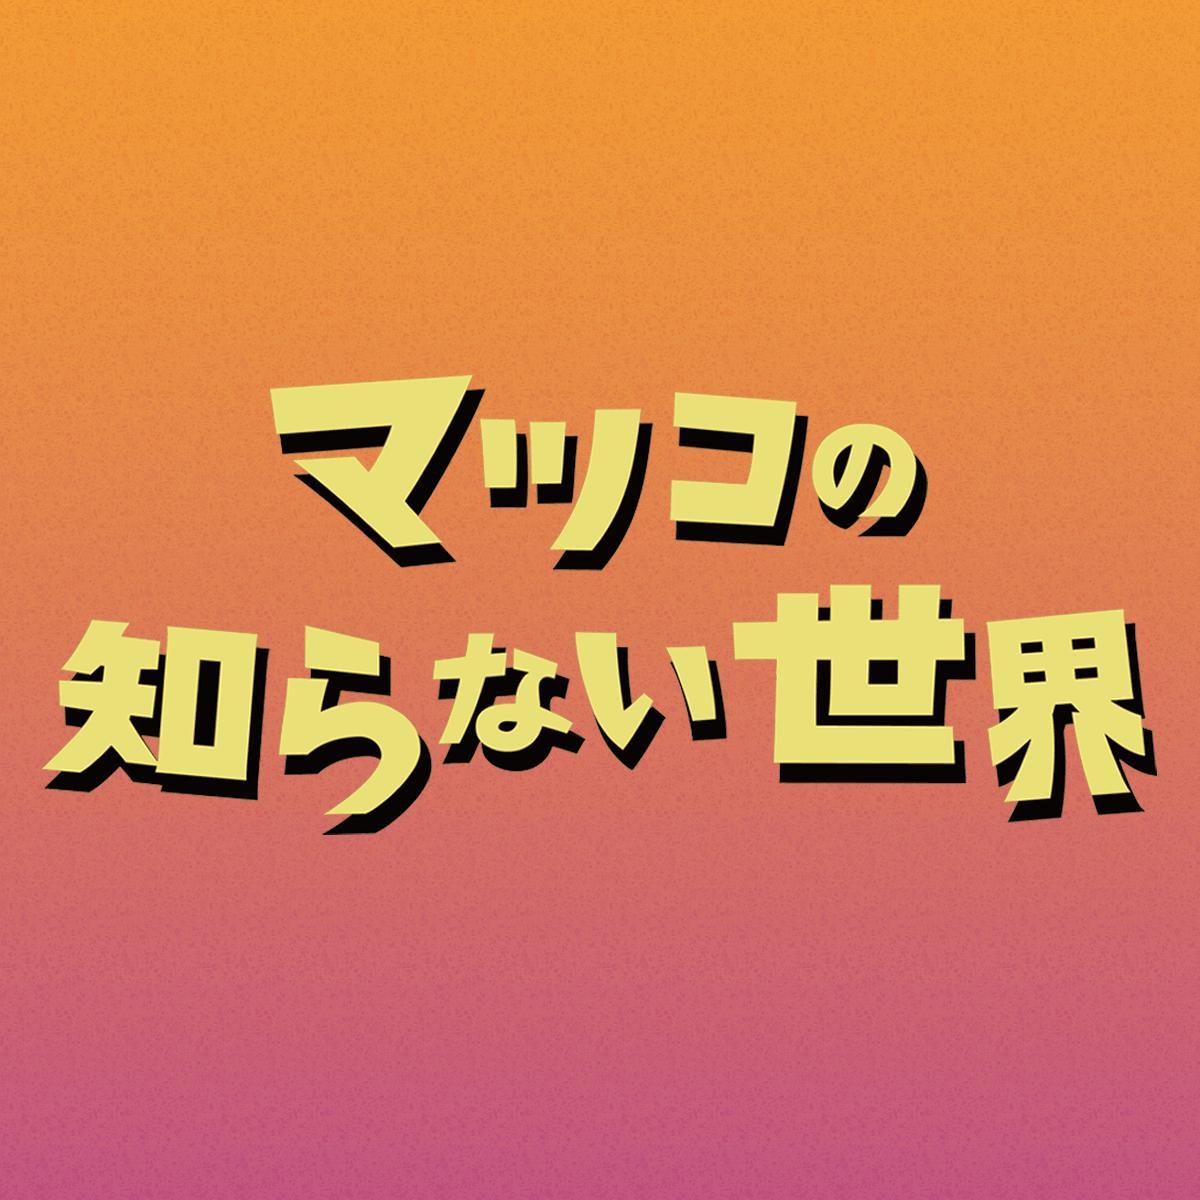 test ツイッターメディア - 【テレビ放映情報】8/20(火)8:57~のTBS「マツコの知らない世界」番組内「トンネルの世界」にて、大地の芸術祭作品、マ・ヤンソン/MADアーキテクツ「Tunnel of Light」が紹介予定!番組予告はこちら→https://t.co/i6mFza8AC6 #大地の芸術祭 #echigo_tsumari #越後妻有 #芸術 #アート #art https://t.co/APfvtjZ3ZT